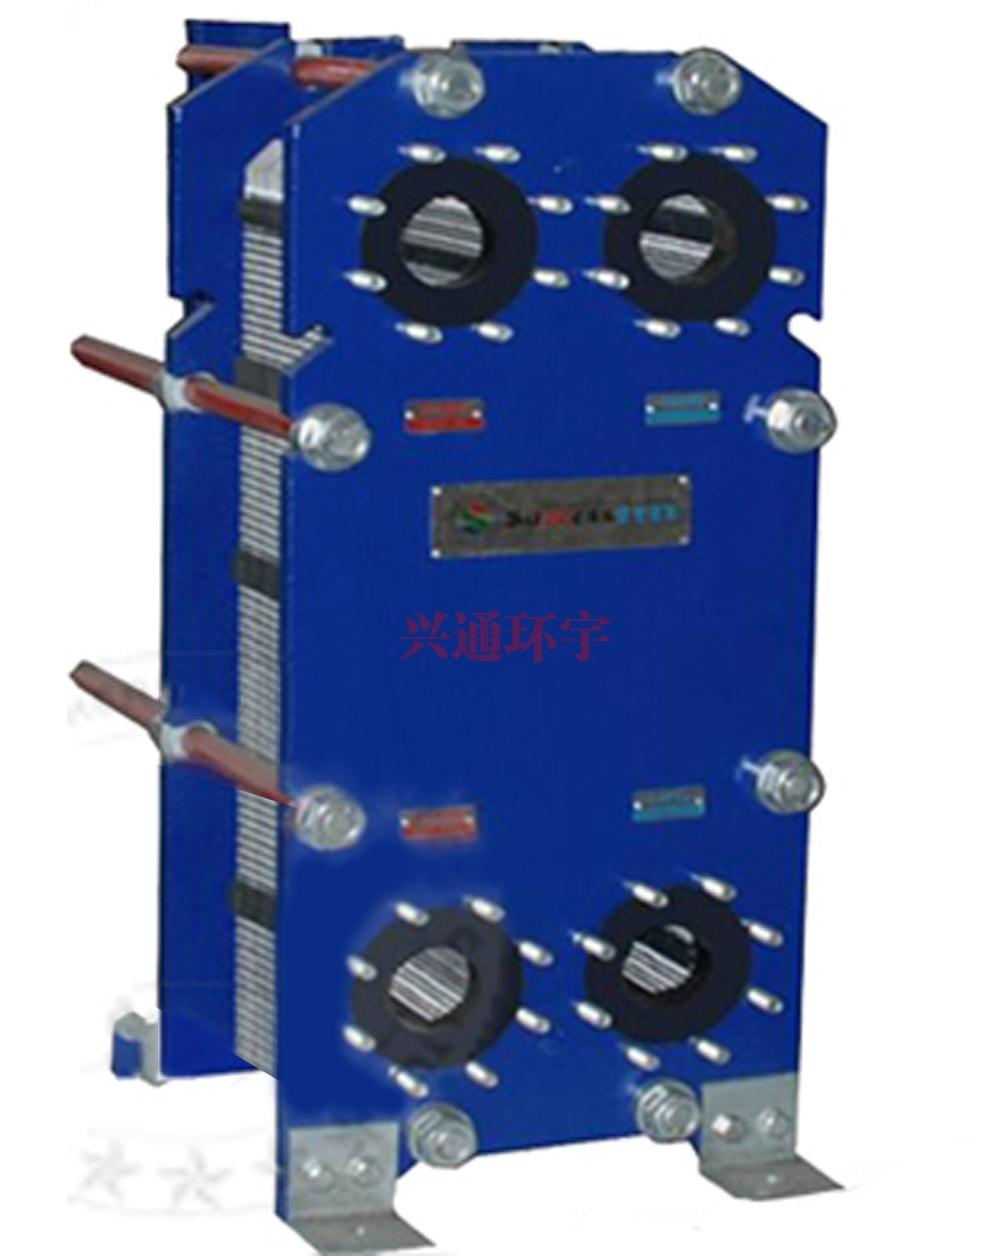 地热专用板式换热器